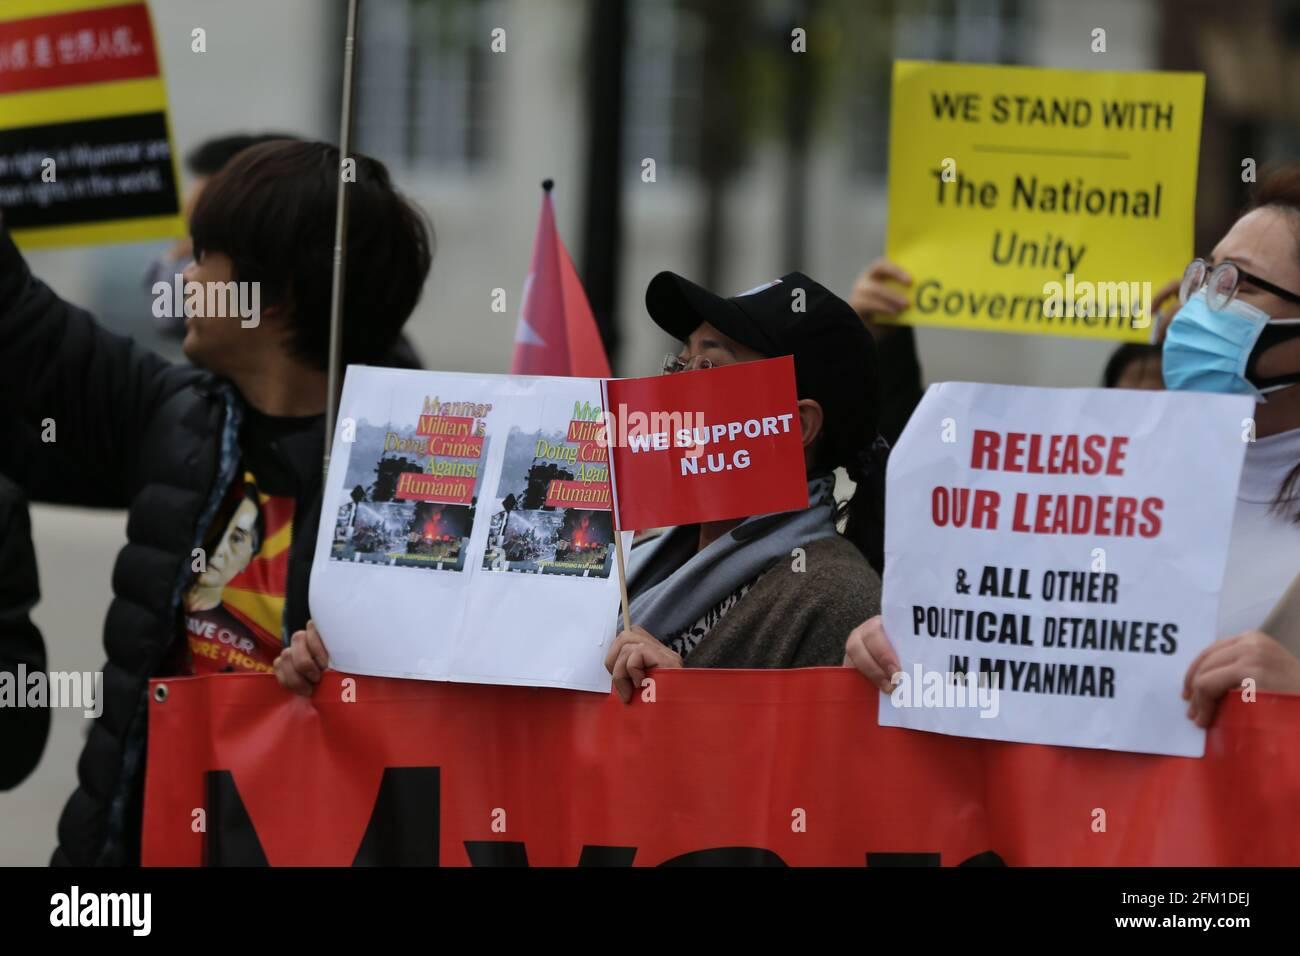 Londra, Inghilterra, Regno Unito. 5 maggio 2021. I membri della diaspora del Myanmar a Londra hanno organizzato una manifestazione fuori dalla Lancaster House nel centro di Londra, dove si riunivano i ministri degli Esteri del G7. I manifestanti hanno invitato gli stati membri del G7 ad agire contro il regime militare in Myanmar che ha preso il controllo del paese a febbraio dopo un colpo di stato. Credit: Tayfun Salci/ZUMA Wire/Alamy Live News Foto Stock